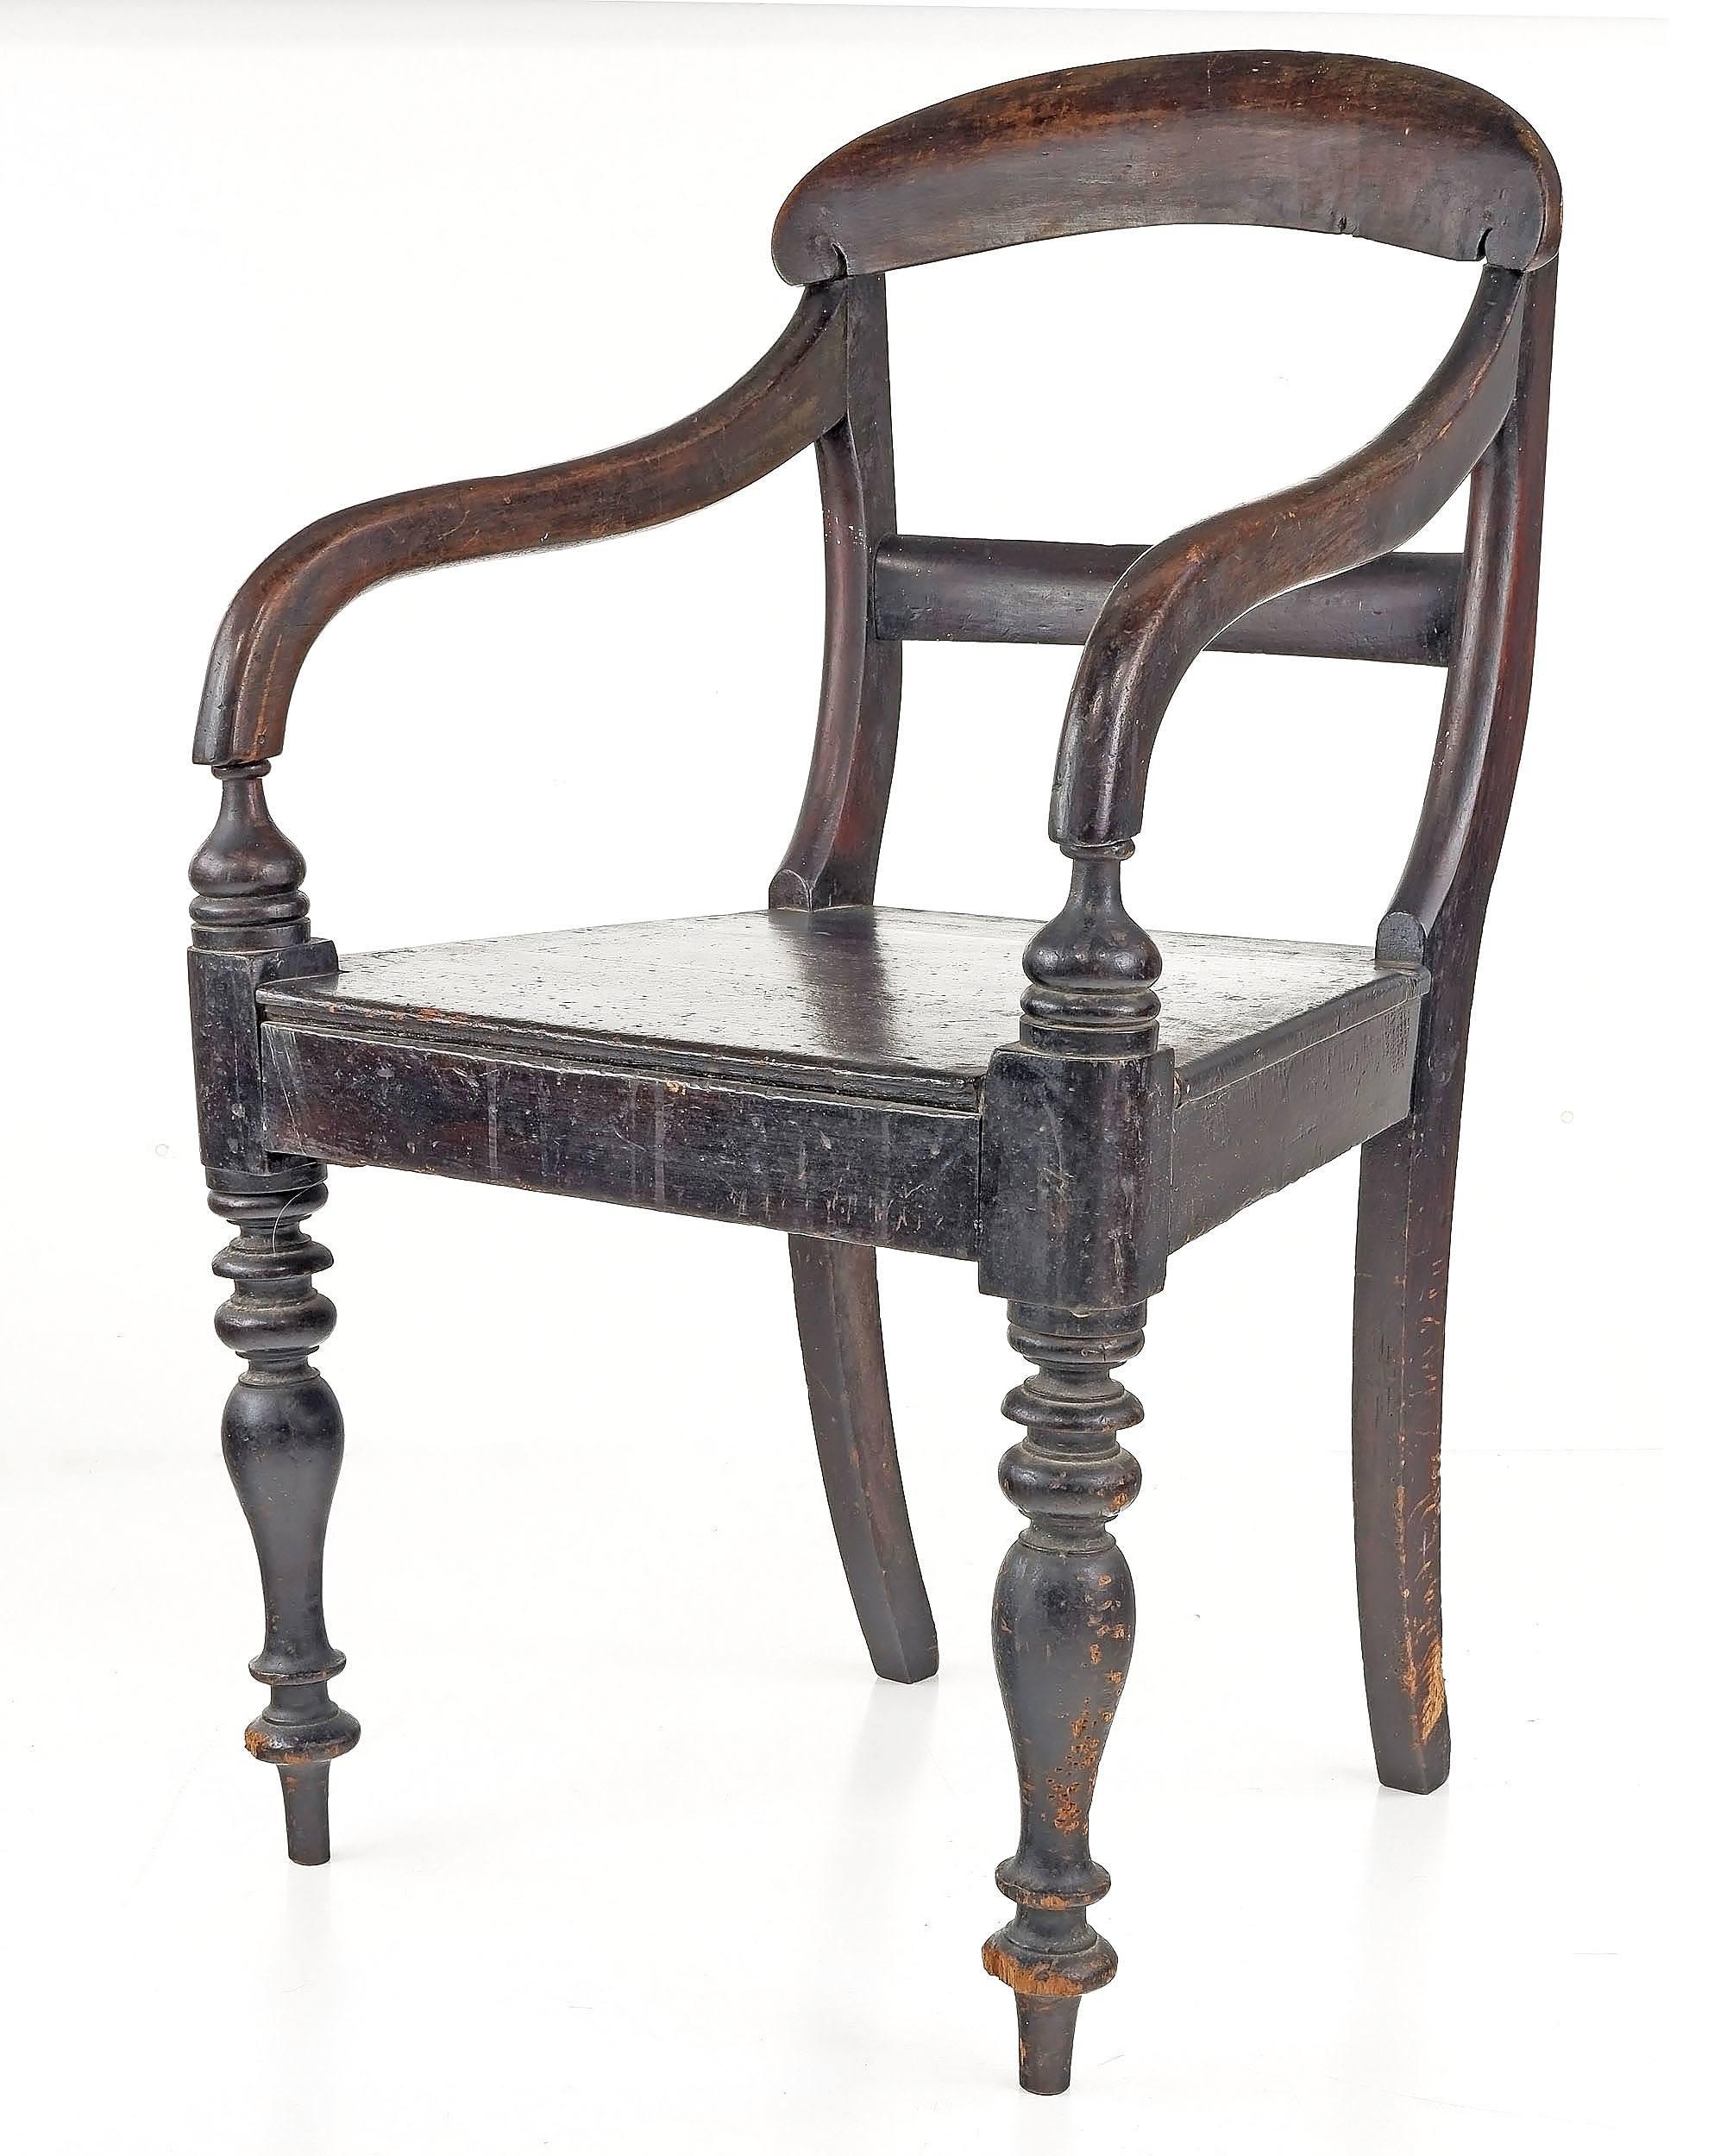 'Australian Colonial Cedar Carver Chair, Mid 19th Century'